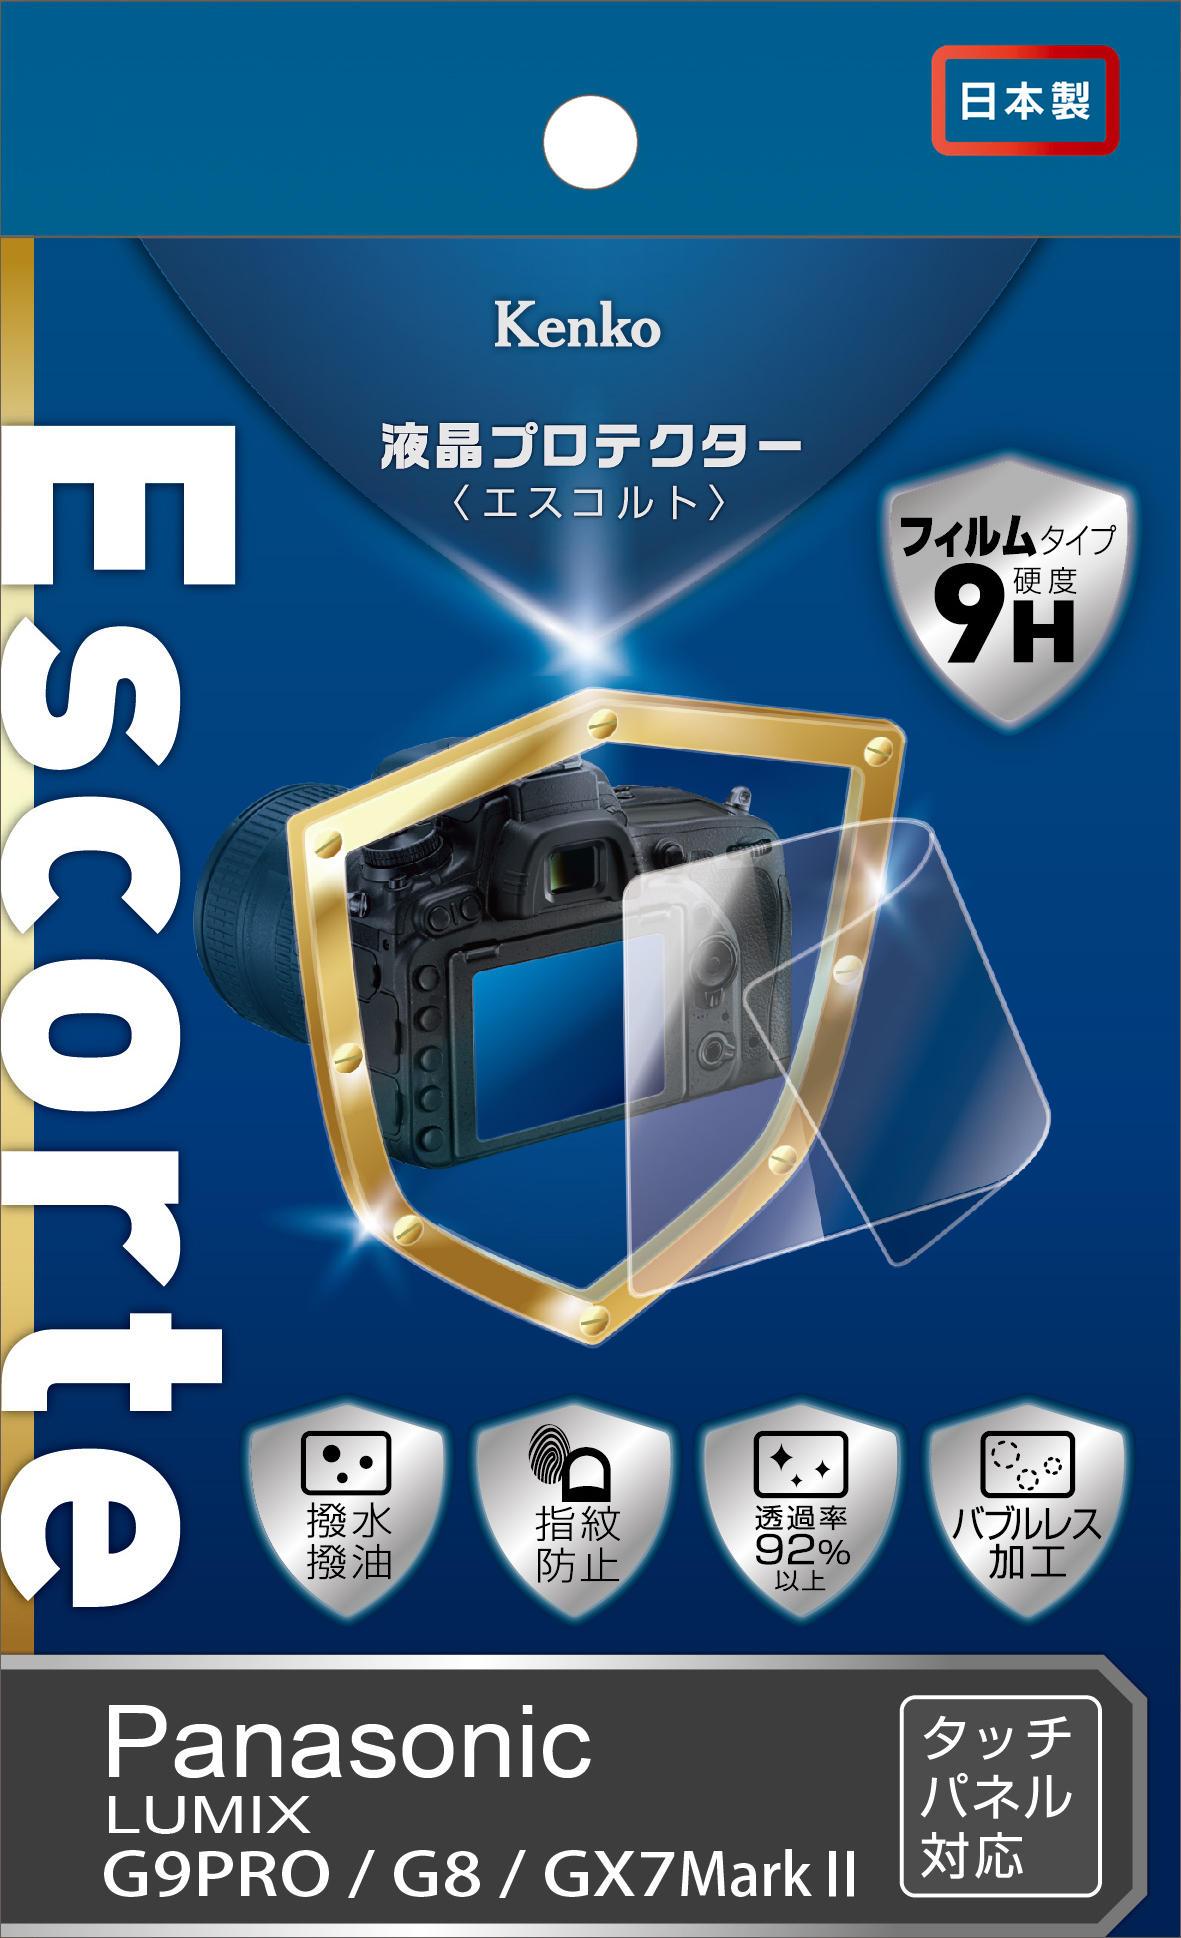 http://www.kenko-tokina.co.jp/imaging/eq/mt-images/4961607071984.jpg